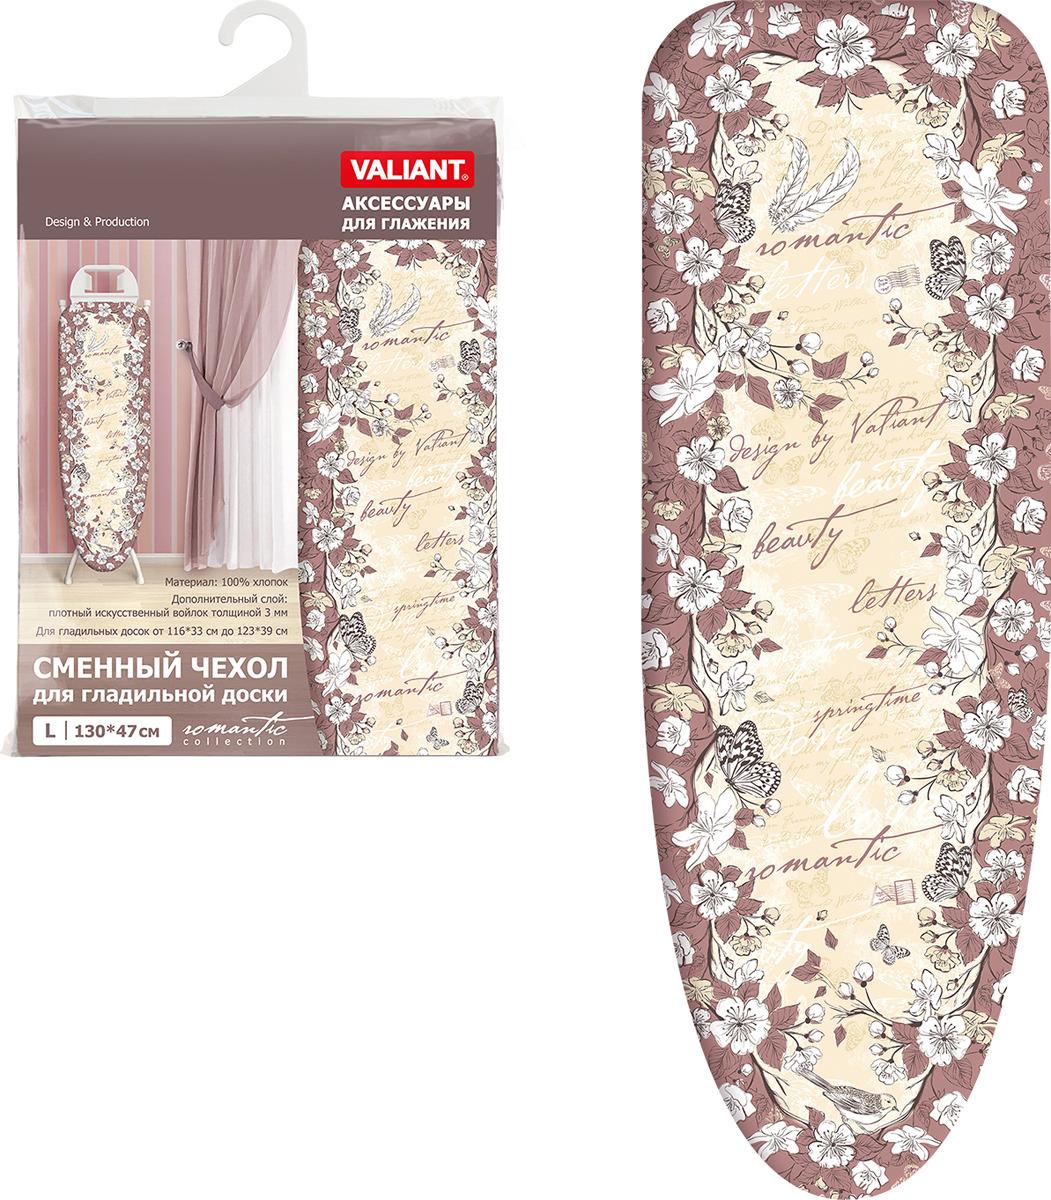 Чехол для гладильной доски Valiant Romantic, цвет: светло-коричневый, 130 х 47 см чехол для гладильной доски eva узоры цвет розовый белый 120 х 38 см